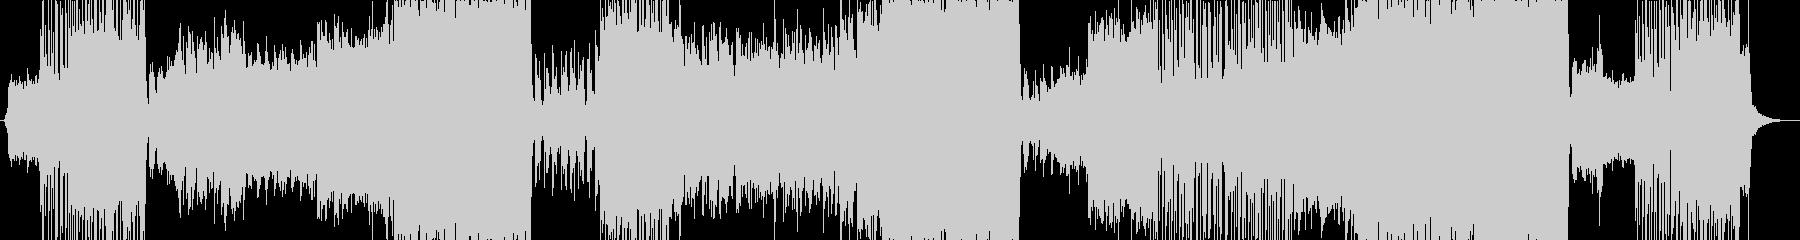 サビがアニメのピンチからの逆転シーン風曲の未再生の波形